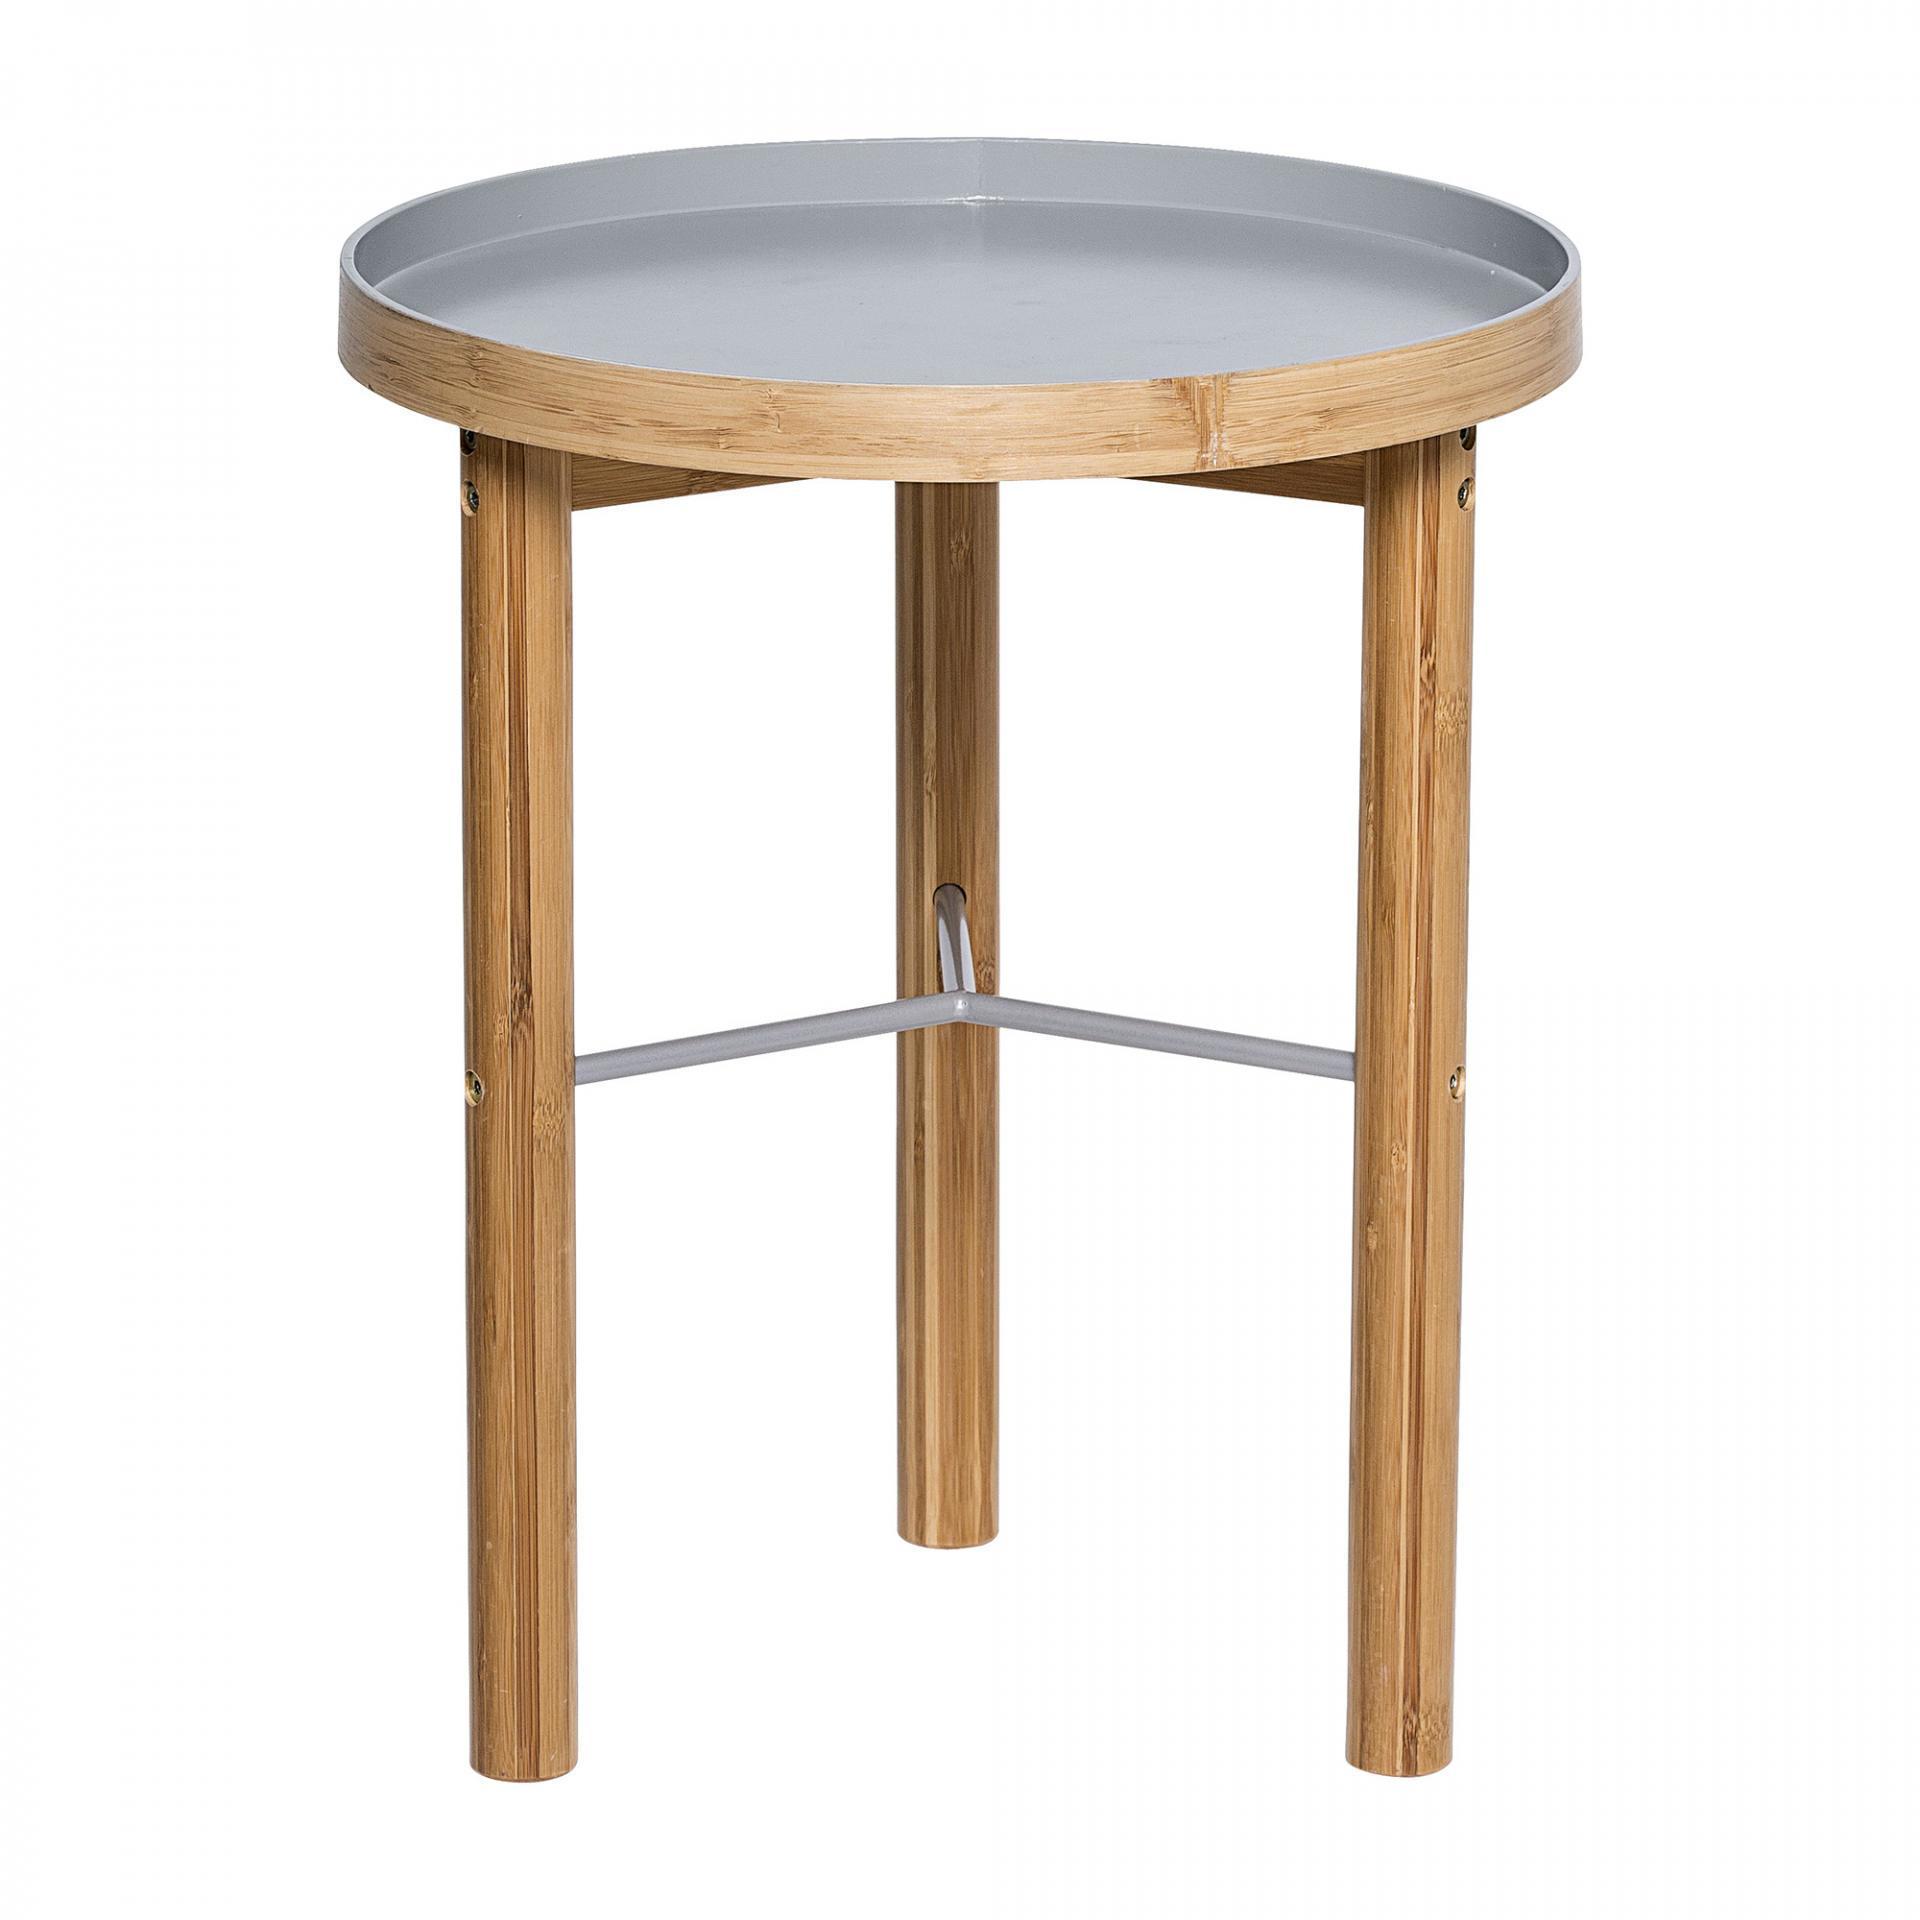 Bloomingville Odkládací bambusový stolek Grey, šedá barva, hnědá barva, dřevo